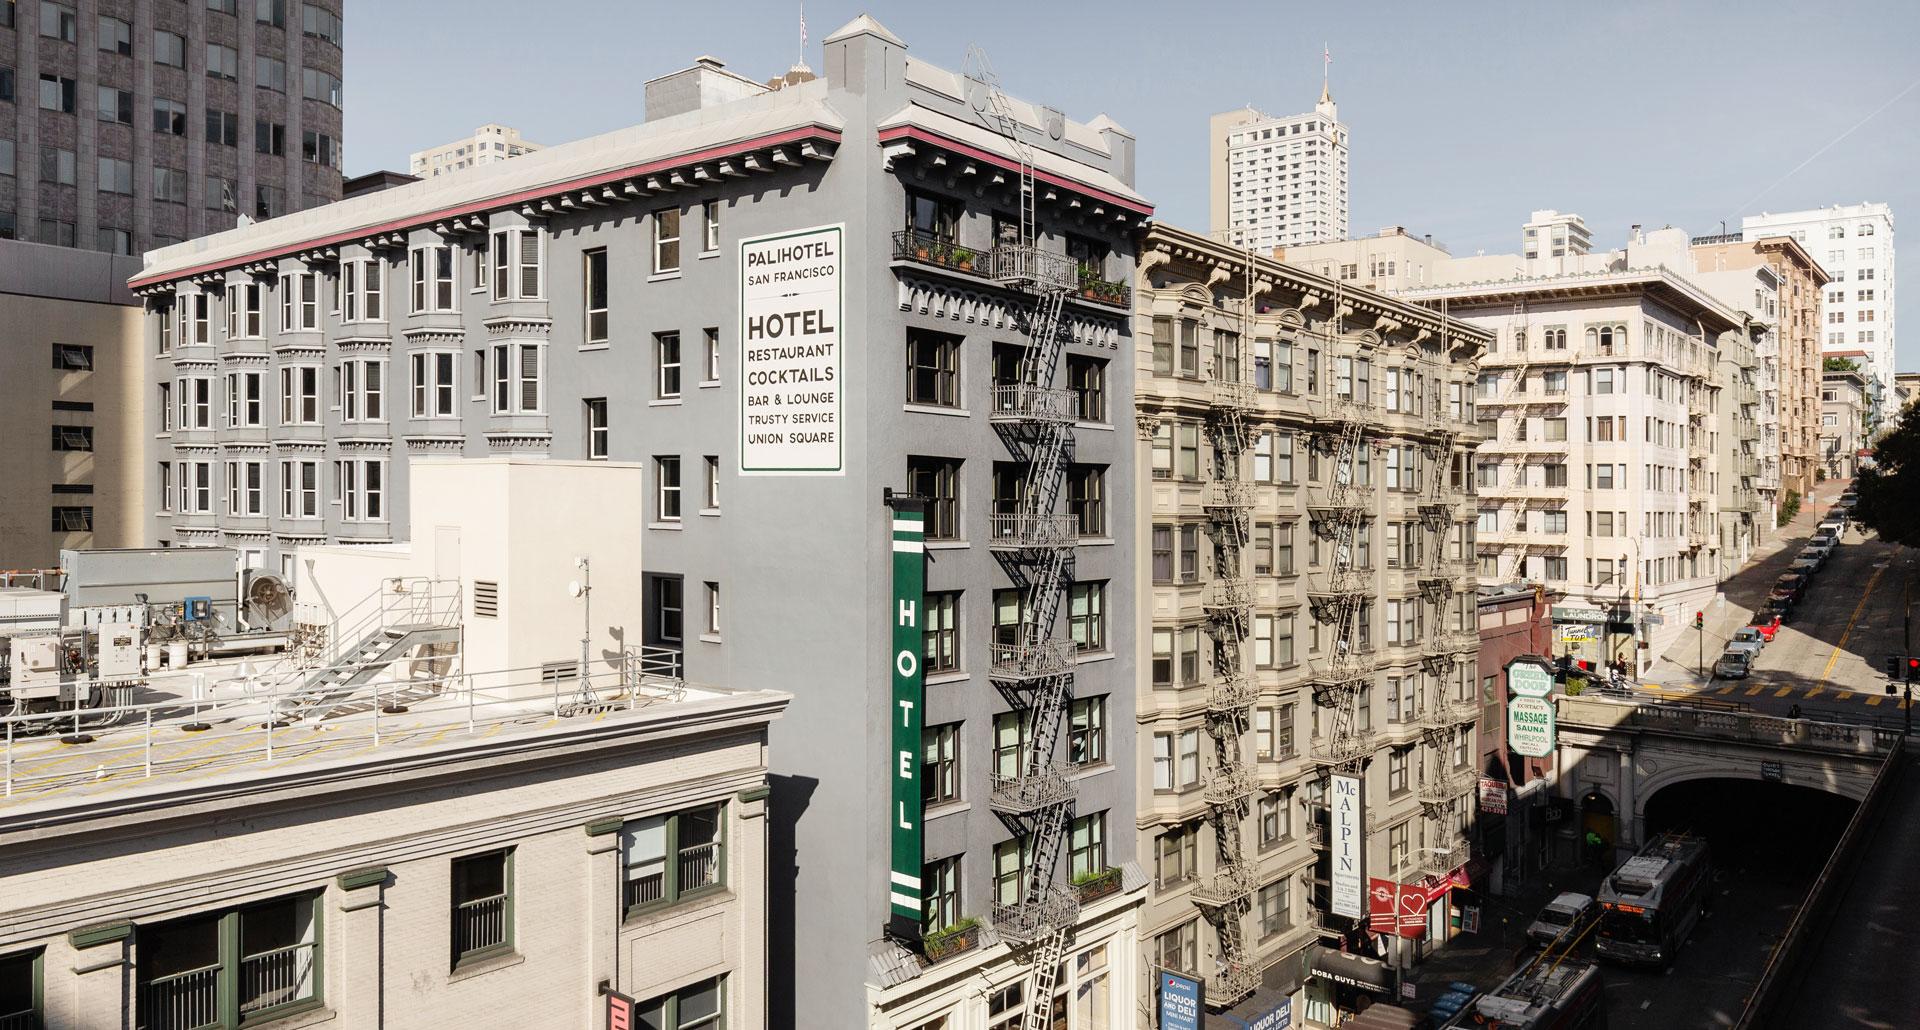 Palihotel San Francisco